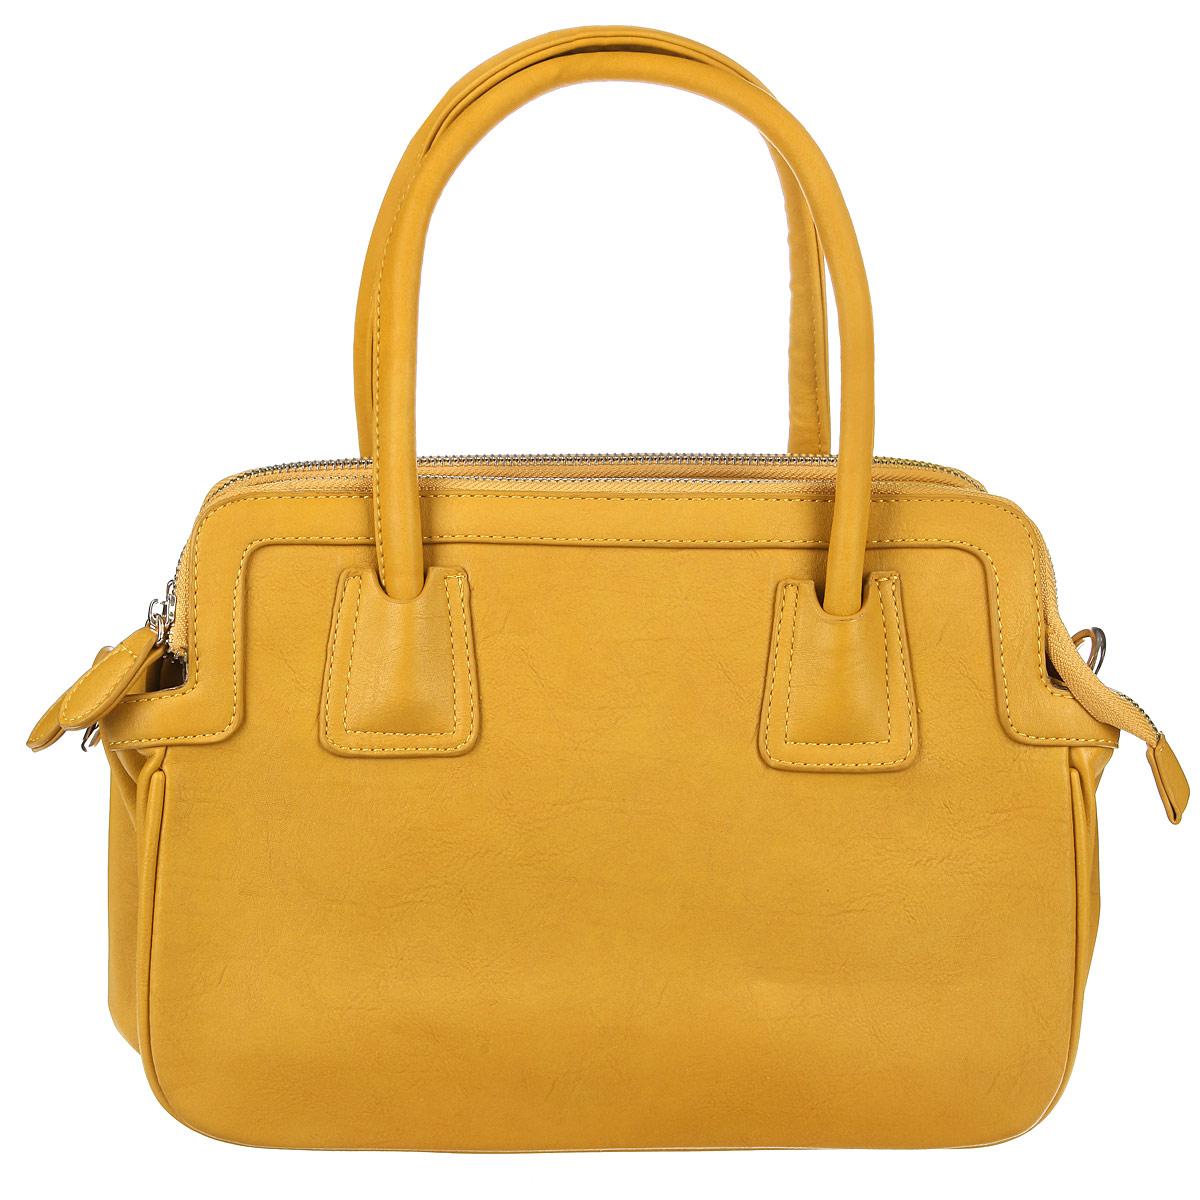 Сумка женская Orsa Oro, цвет: желтый. D-805/49D-805/49Женская сумка Orsa Oro выполнена из высококачественной искусственной кожи. Сумка имеет три отделения, каждое из которых застегивается на молнию. Внутри среднего отделения есть один врезной карман на молнии и два накладных кармашка для мелочей. Сумка оснащена двумя удобными ручками и съемным ремнем, длина которого регулируется пряжкой. Ремень крепится по бокам сумки с помощью карабинов. В комплекте чехол для хранения. Эффектная сумка Orsa Oro подчеркнет вашу яркую индивидуальность и сделает образ завершенным.